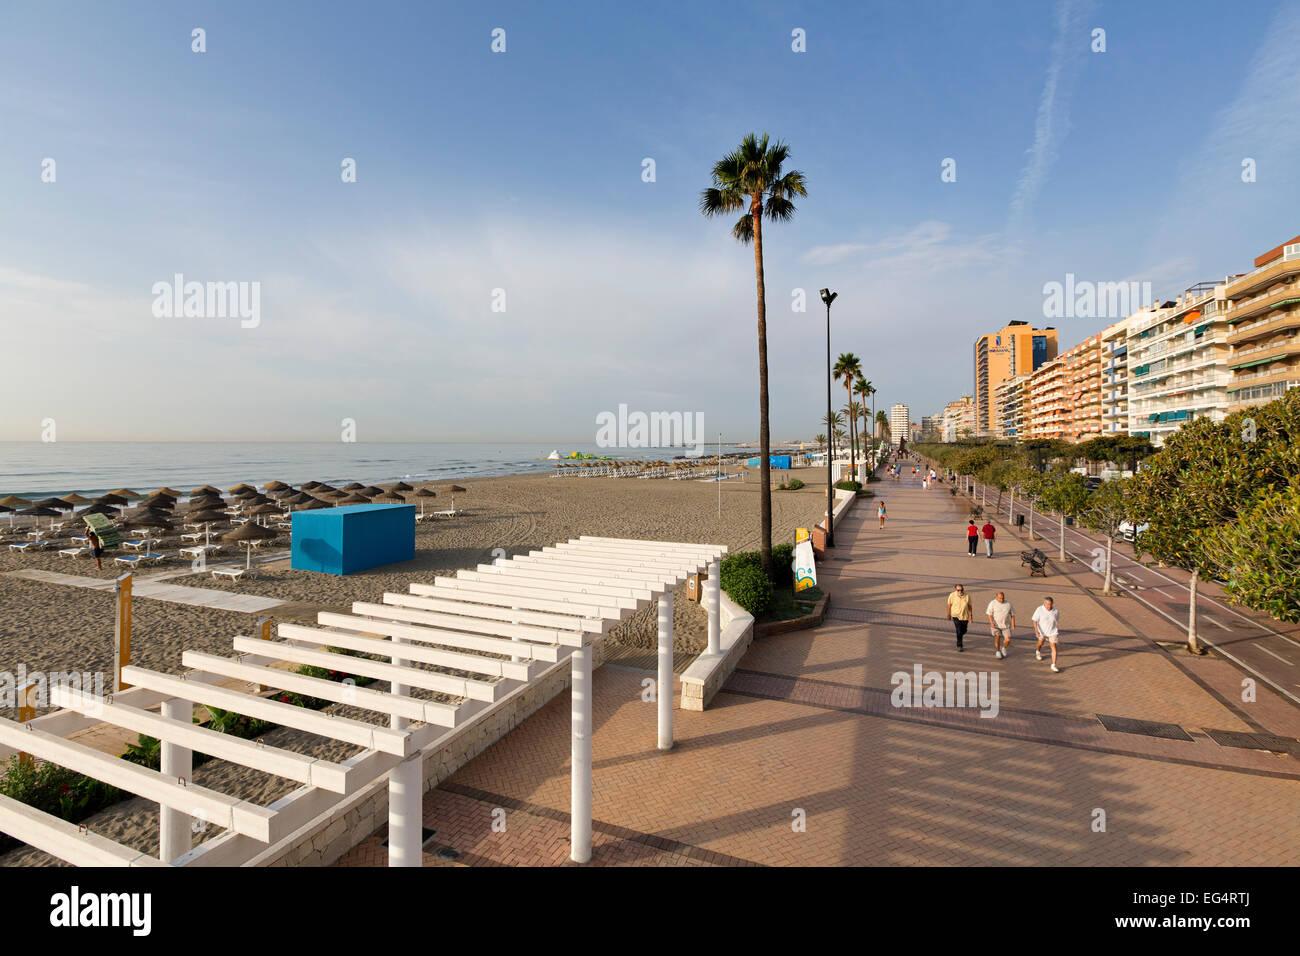 Paseo marítimo de las playas de Fuengirola Málaga Andalucía España Imagen De Stock